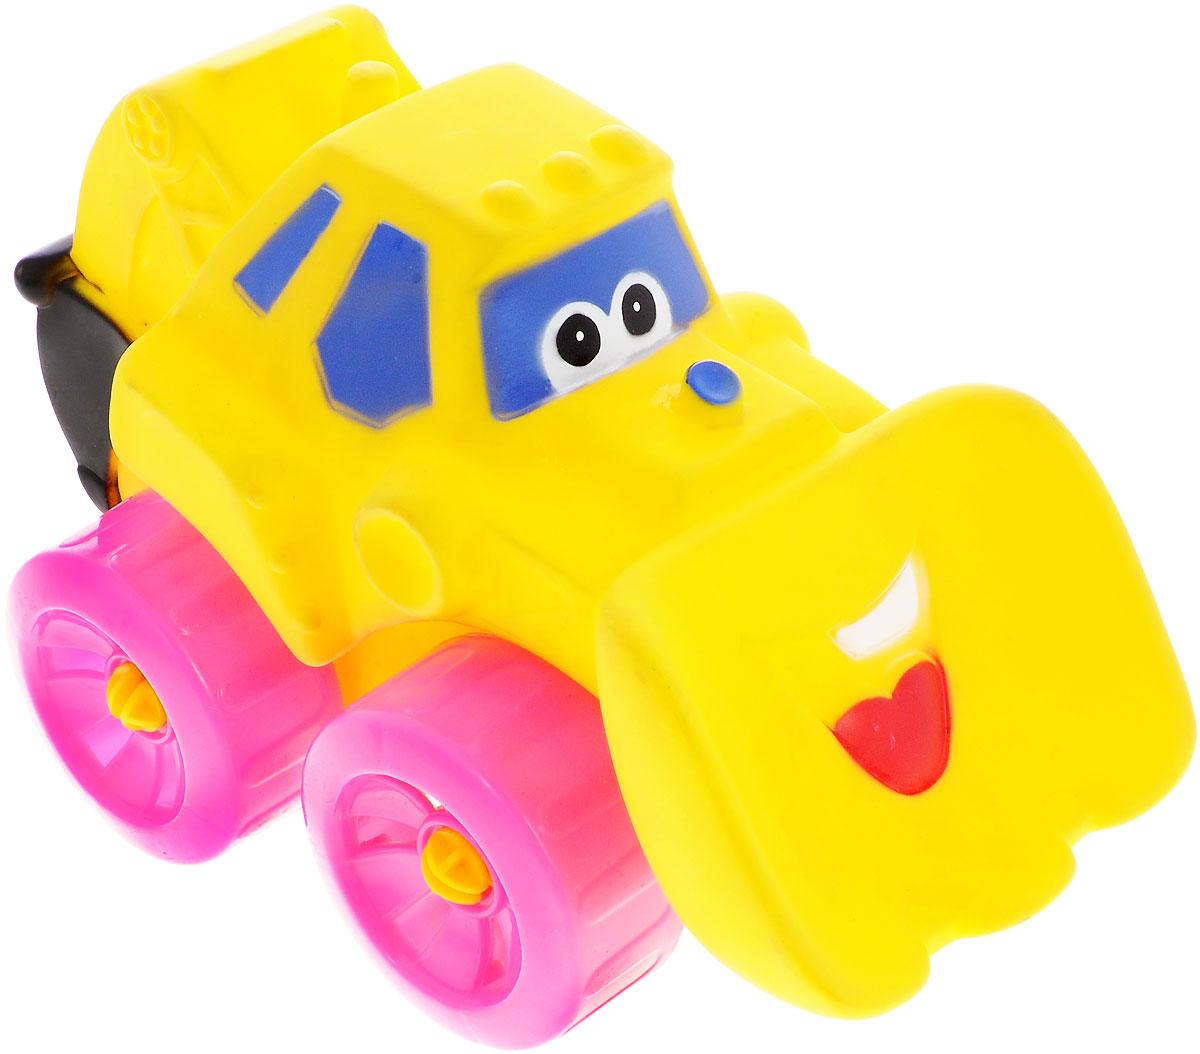 Erpa Бульдозер Tombis цвет желтый розовый660931_желтый, розовыйЯркая машинка-бульдозер Erpa Tombis понравится вашему малышу. Машинка выполнена из высококачественного мягкого пластика. Большие колеса со свободным ходом обеспечивают хорошую проходимость. Такая игрушка способствует развитию у малыша тактильных ощущений, мелкой моторики рук и координации движений.